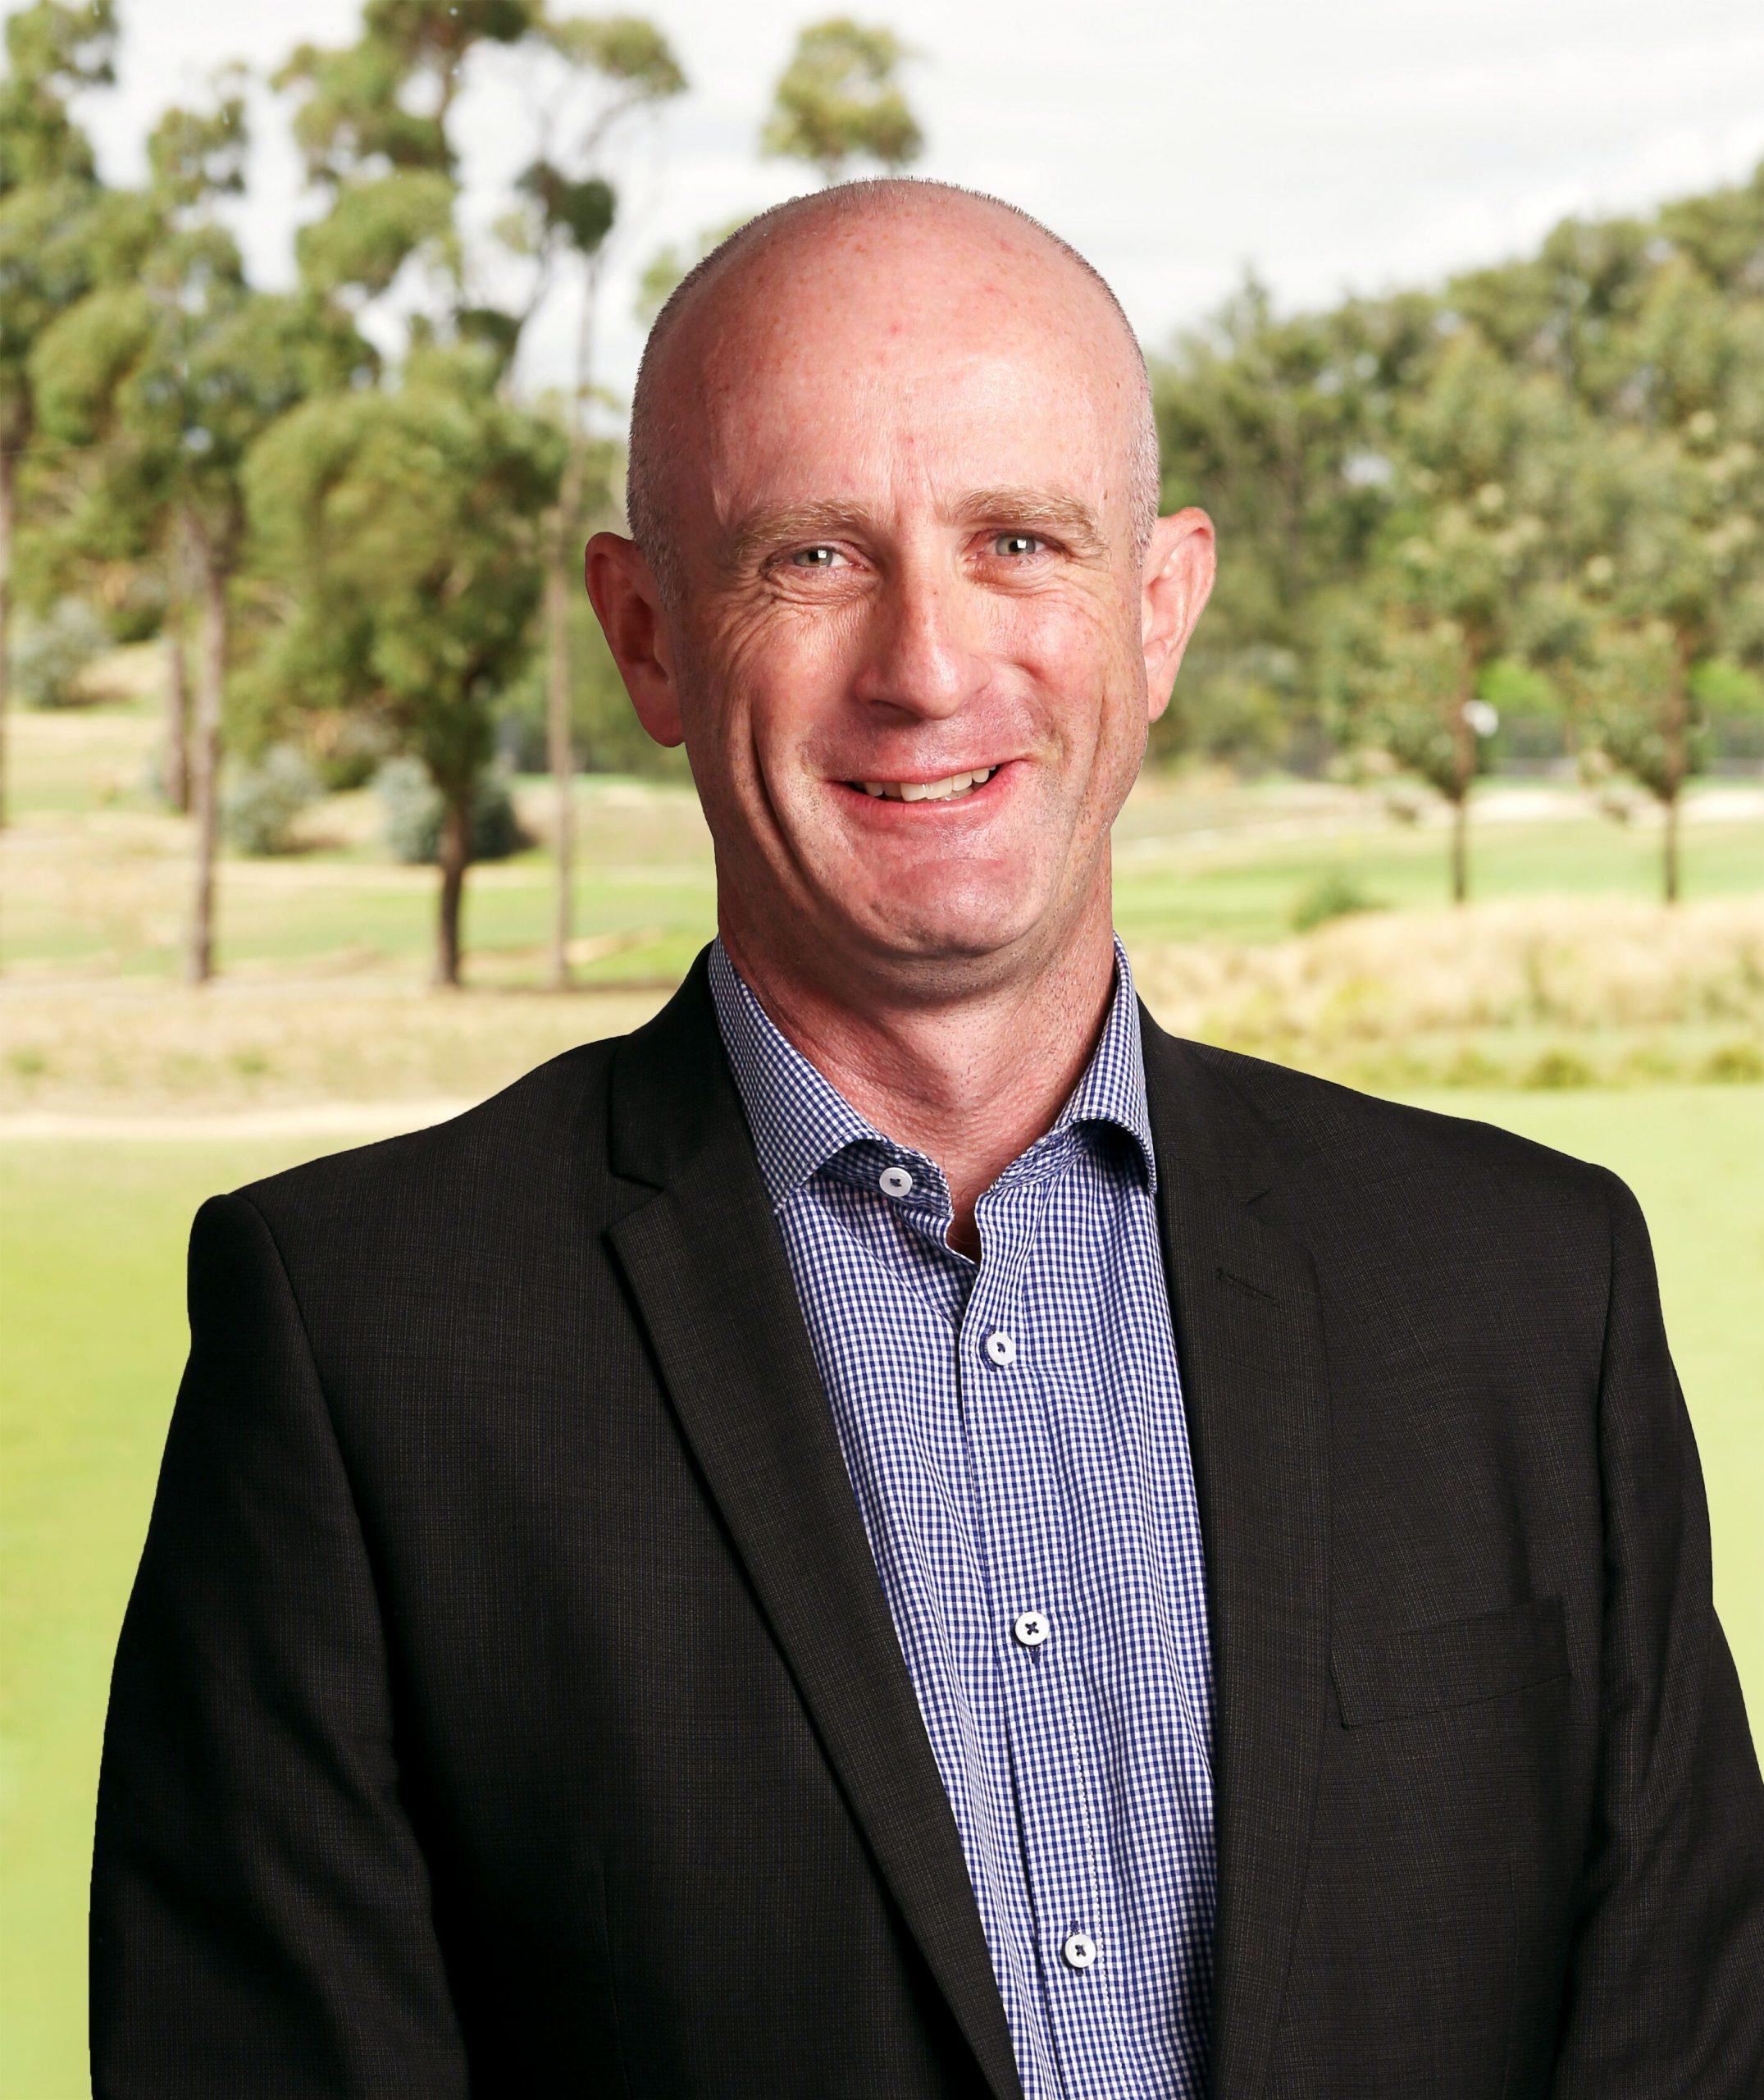 Damian O'Hehir